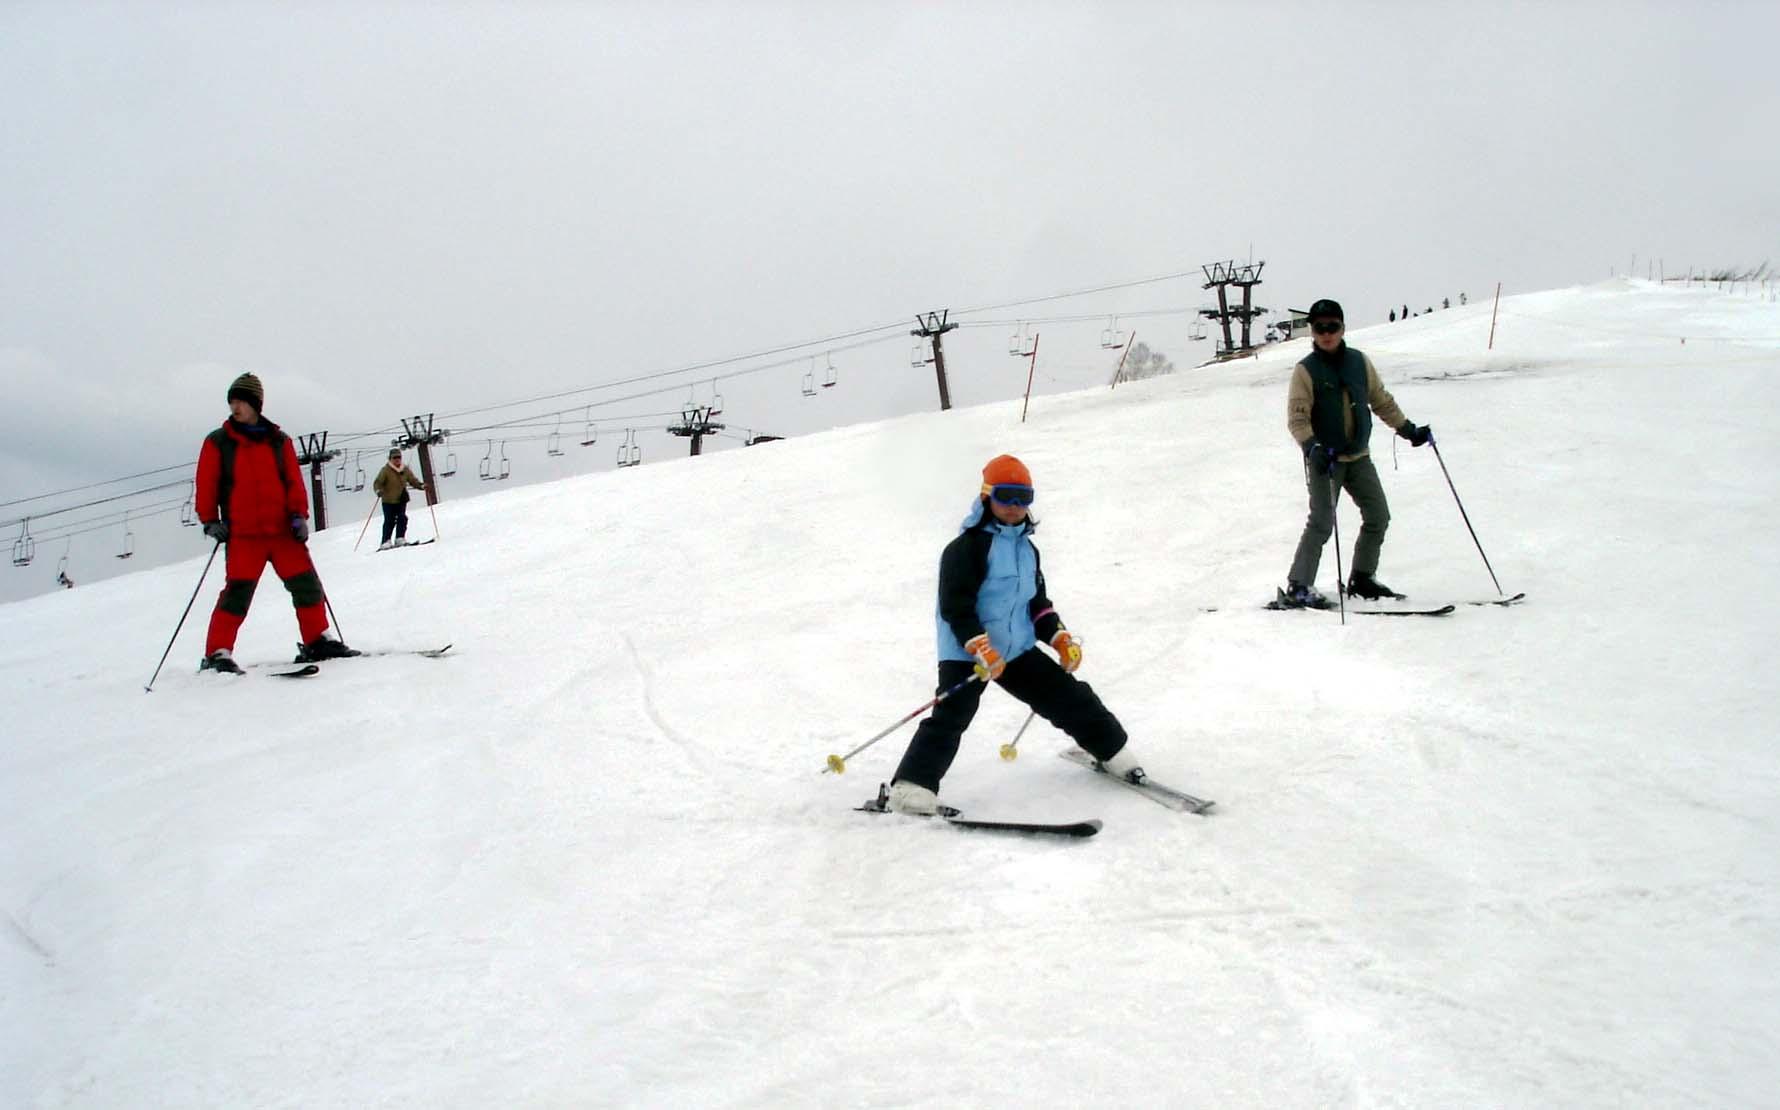 Dsc00344 スキーを楽しむ